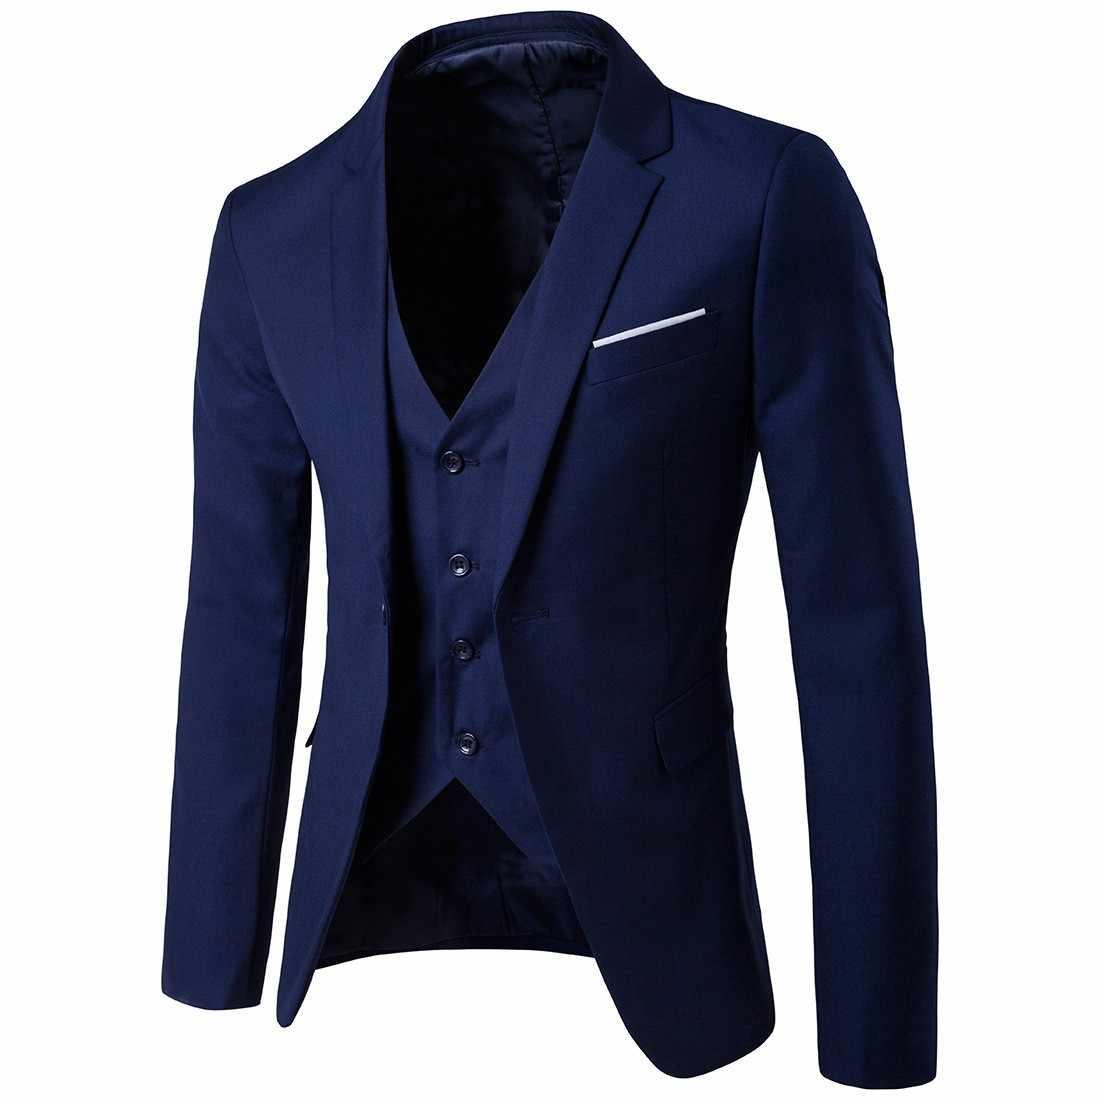 3 piezas de hombre de negocios Blazer + chaleco + pantalón conjunto de traje para hombre de oficina de trabajo Formal sólido Delgado boda conjunto Vintage clásico Blazers